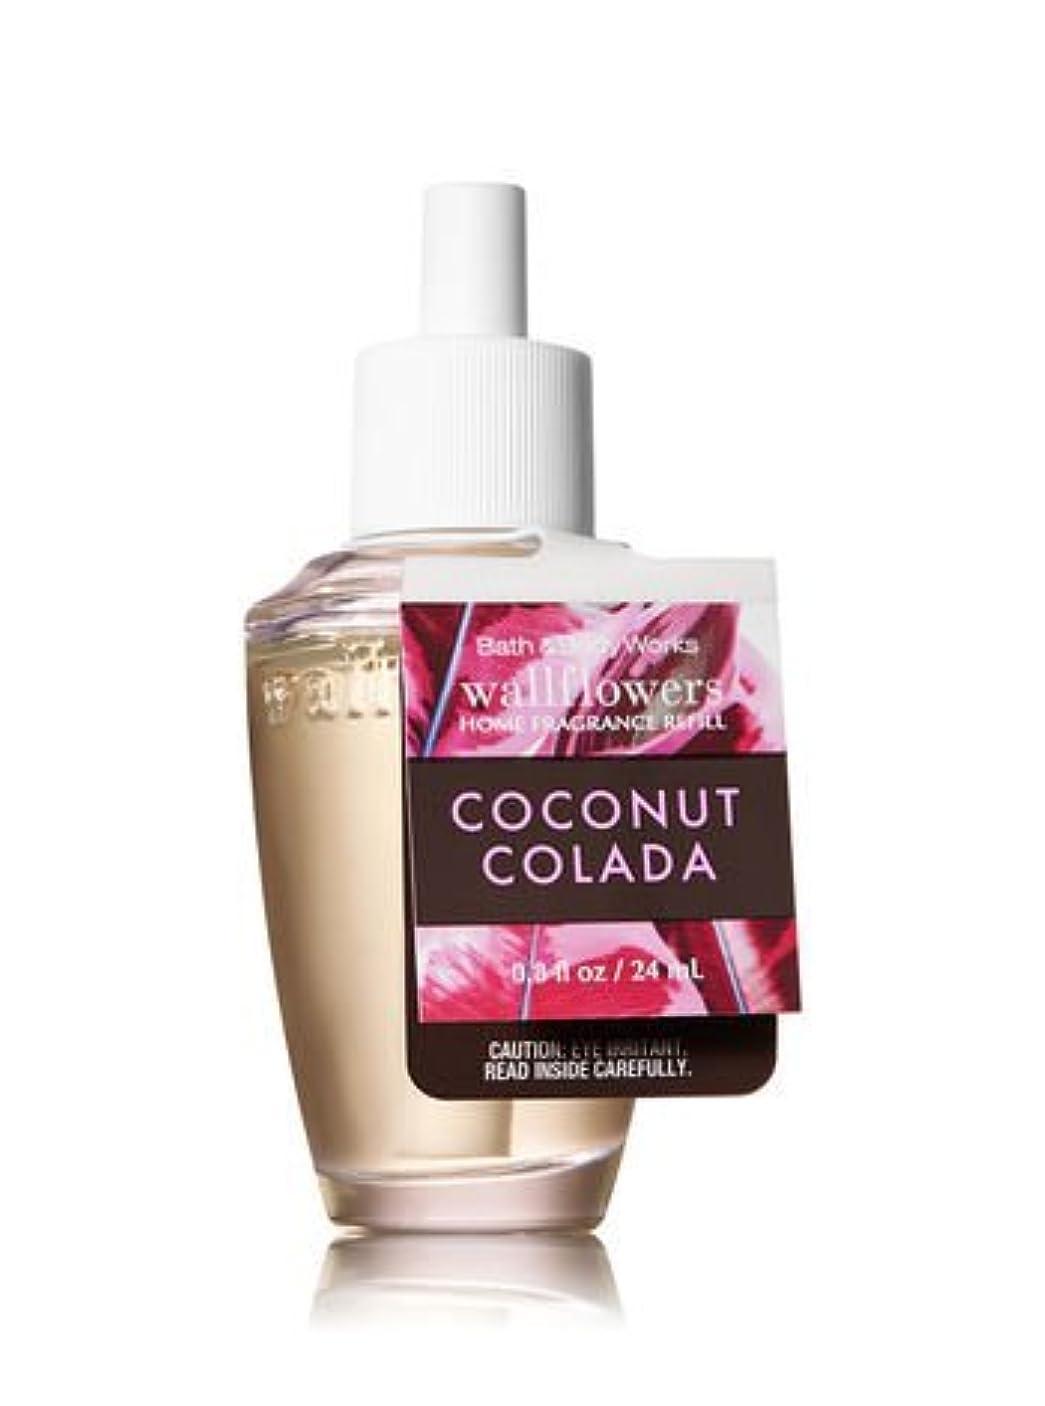 レタッチローマ人ゴミ【Bath&Body Works/バス&ボディワークス】 ルームフレグランス 詰替えリフィル ココナッツコラーダ Wallflowers Home Fragrance Refill Coconut Colada [並行輸入品]